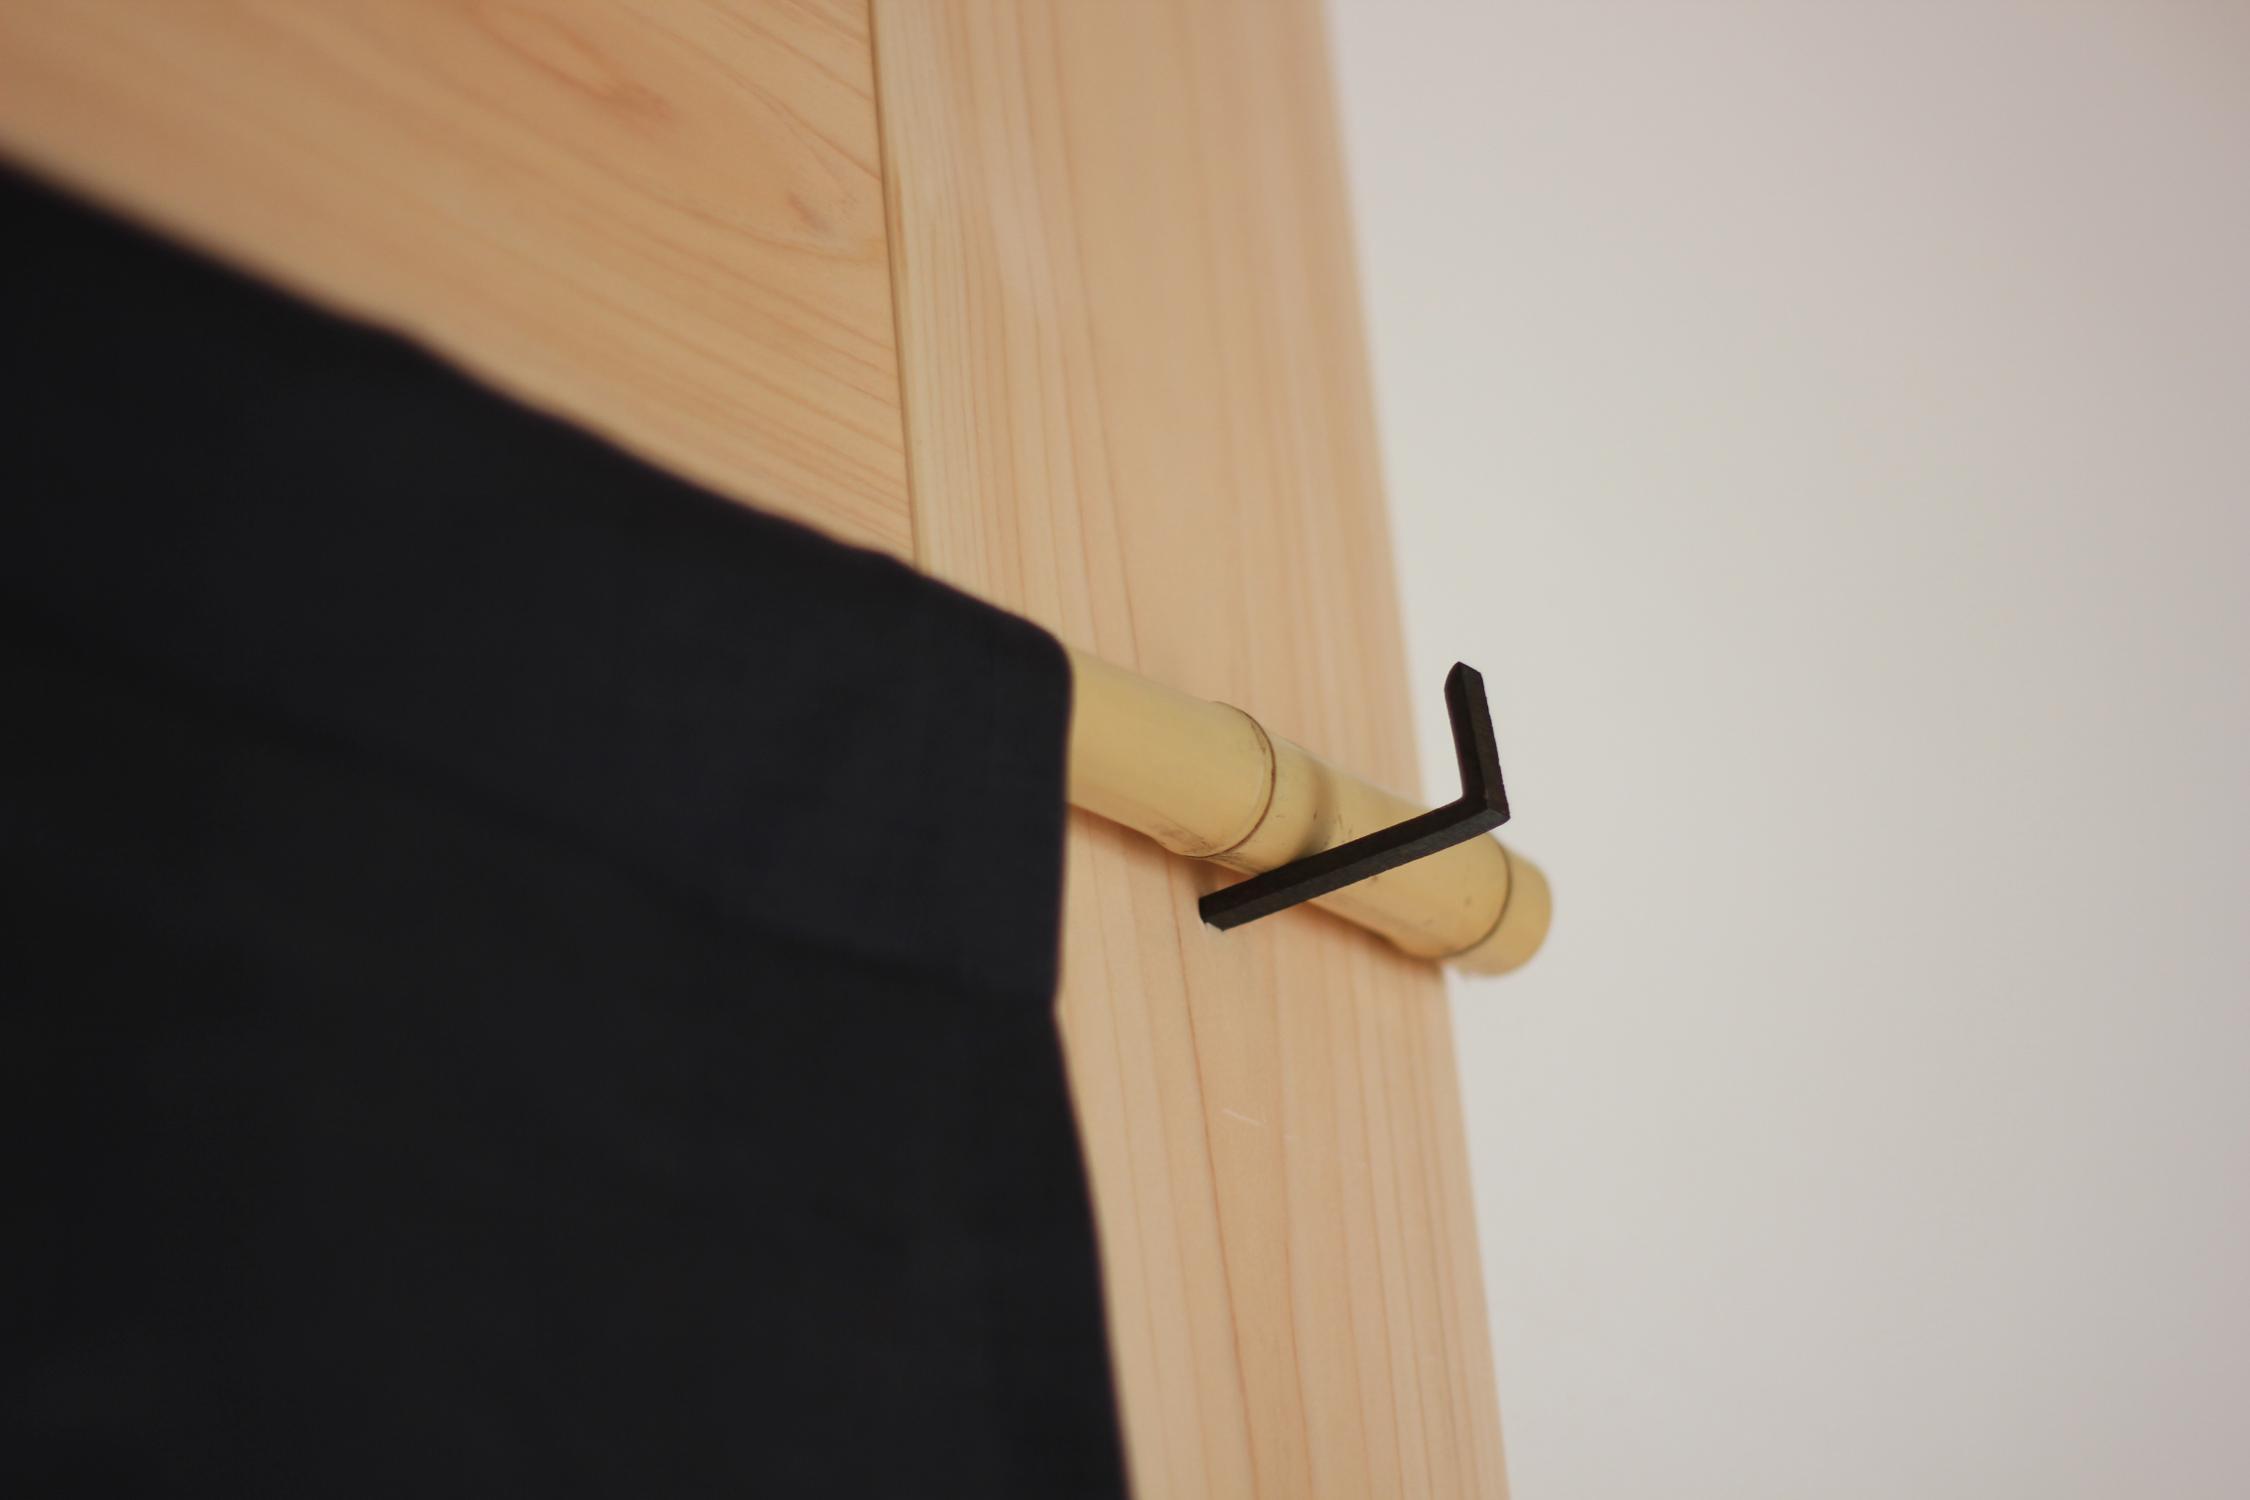 鉄製の和釘の暖簾掛け